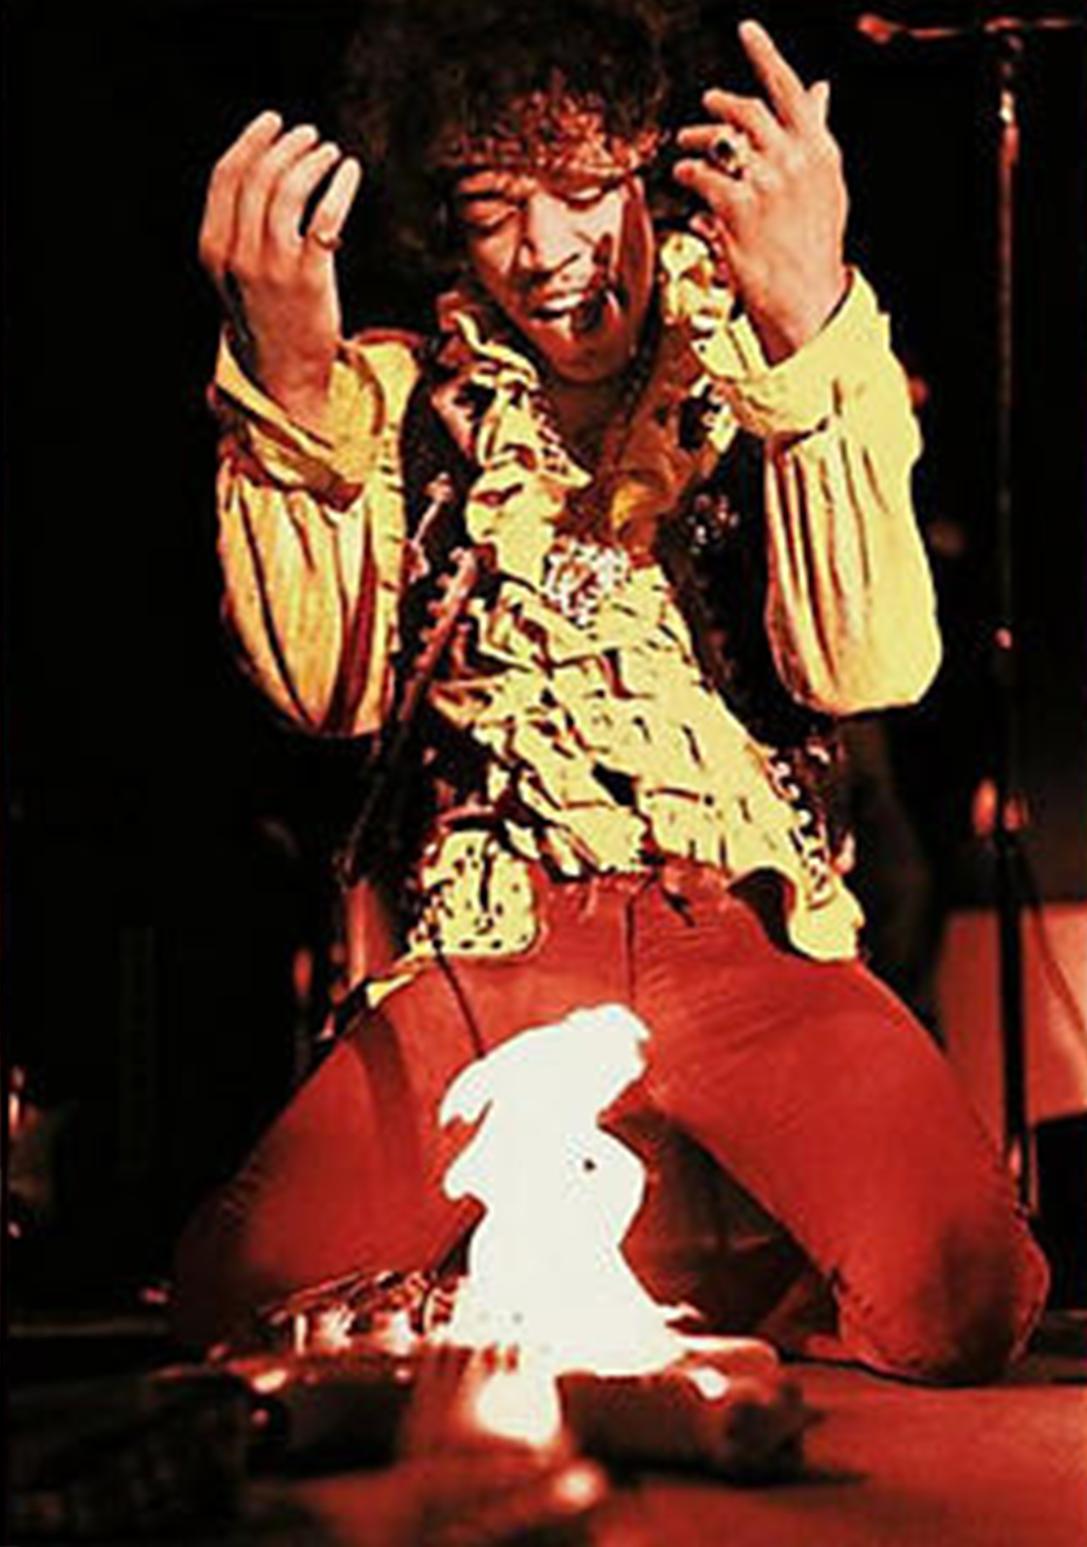 Jimi Hendrix dà fuoco alla sua chitarra alla fine dell'esibizione al Monterey Pop Festival